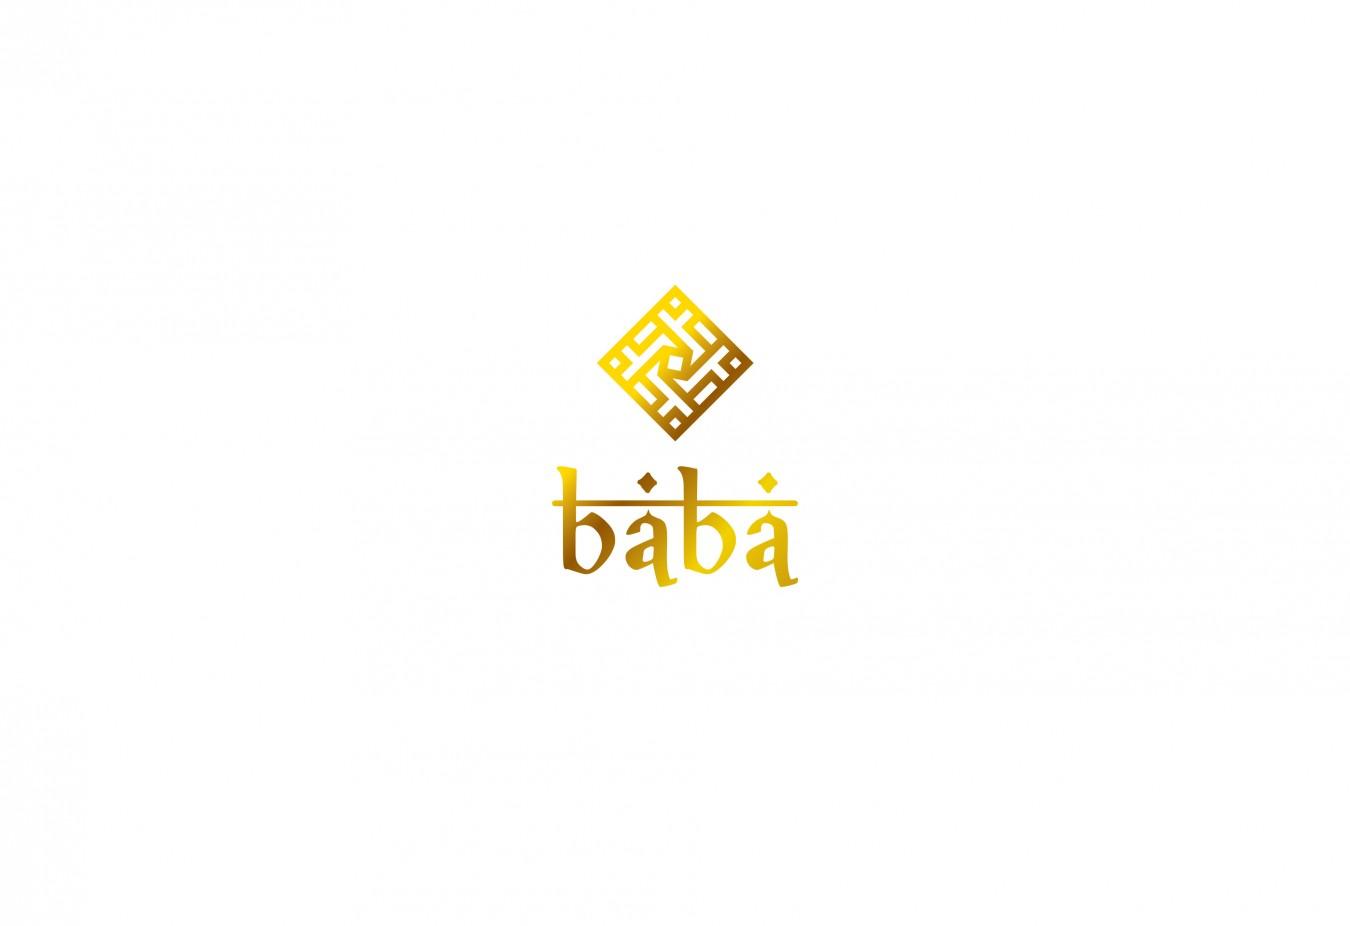 imagens baba-1